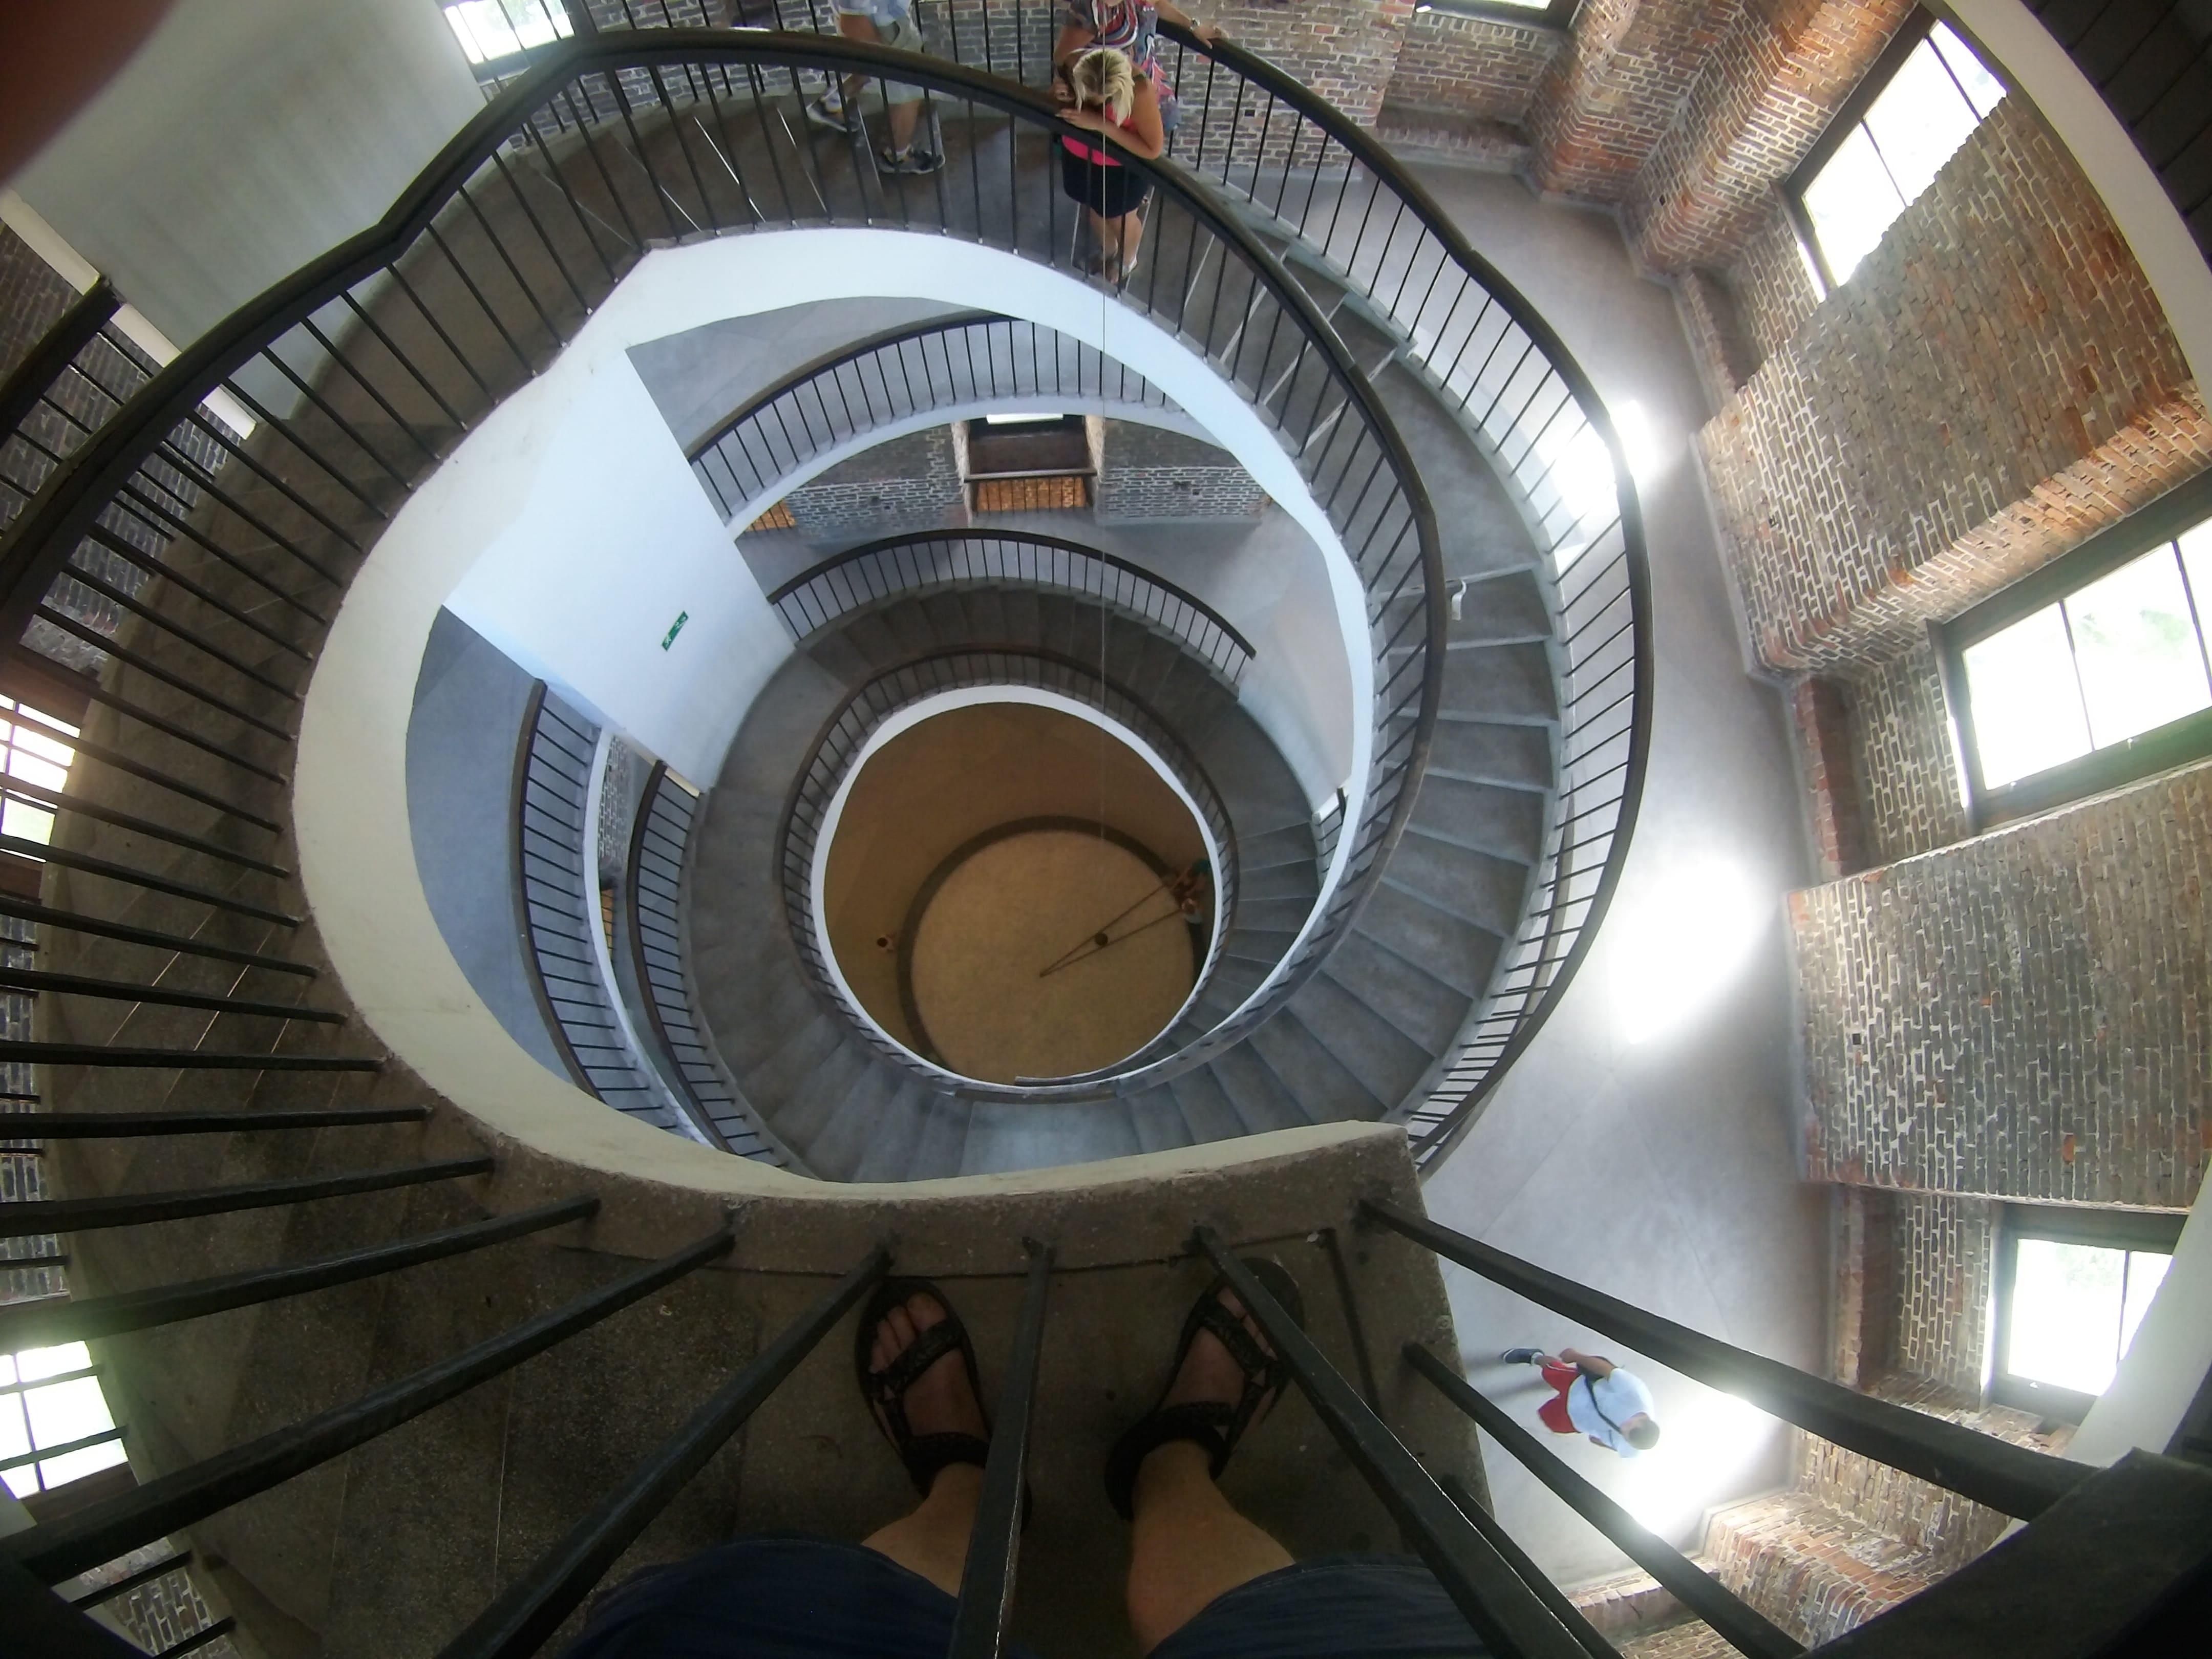 Schody prowadzące na Wieżę Radziejowskiego. Widok z góry.